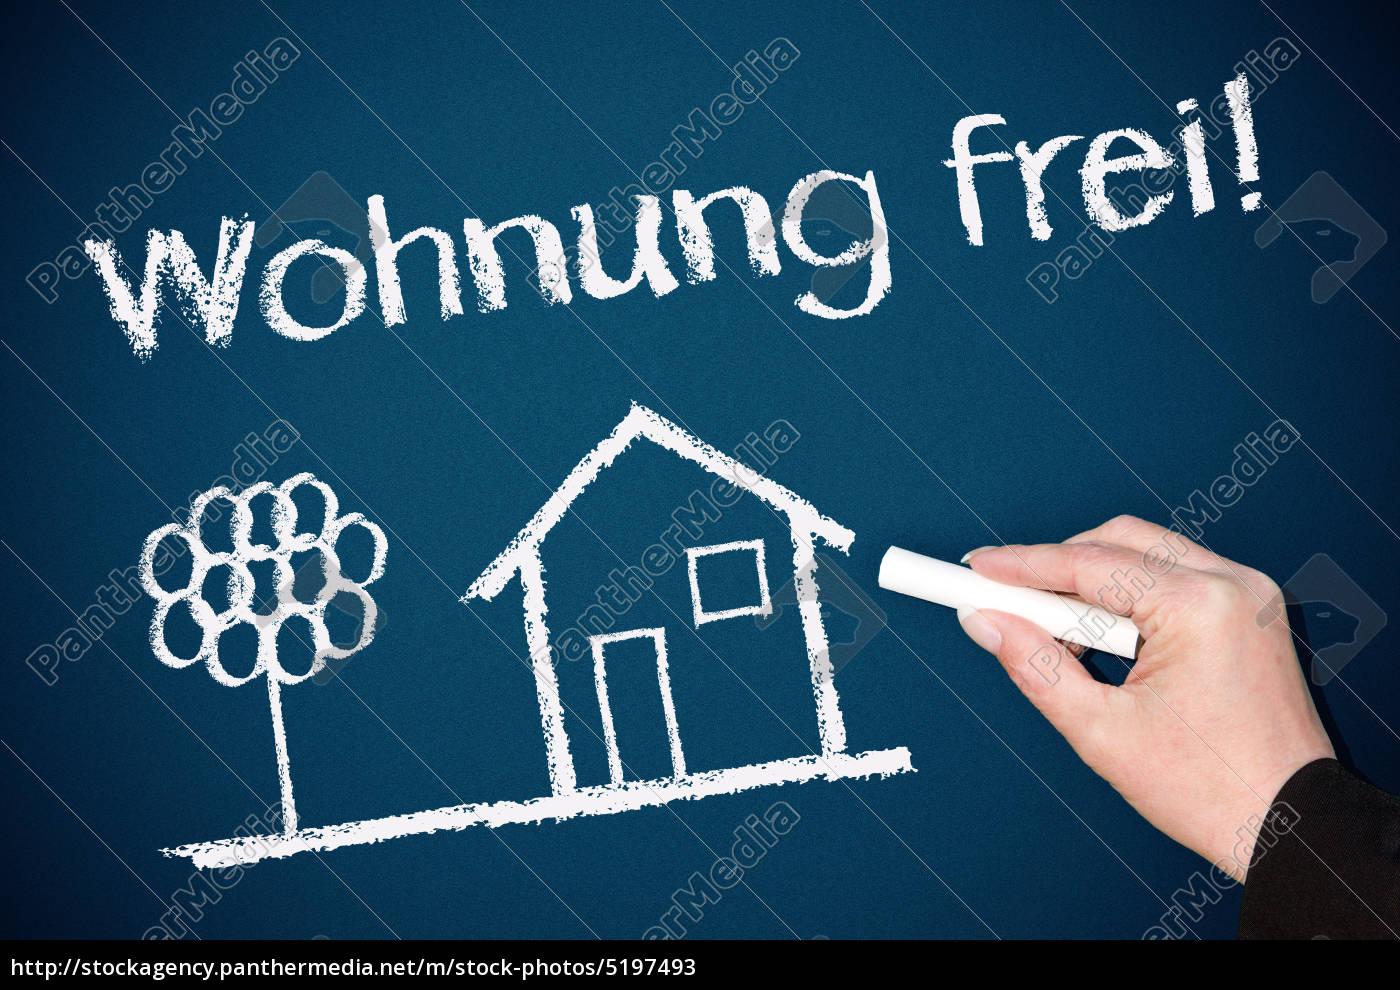 Wohnung frei ! - Immobilien Konzept Tafel - Lizenzfreies Bild ...